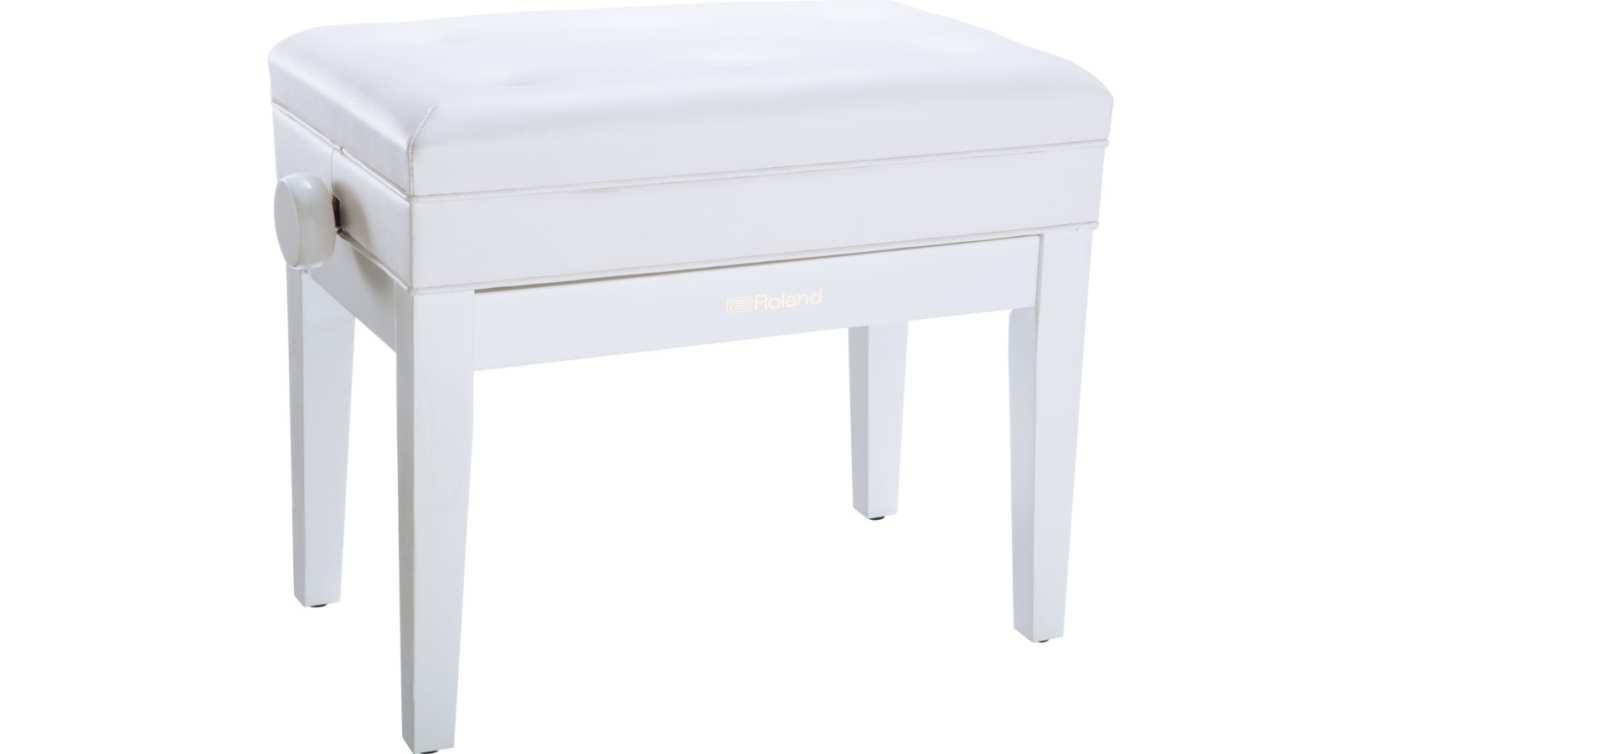 Roland RPB-400 PW Pianobank